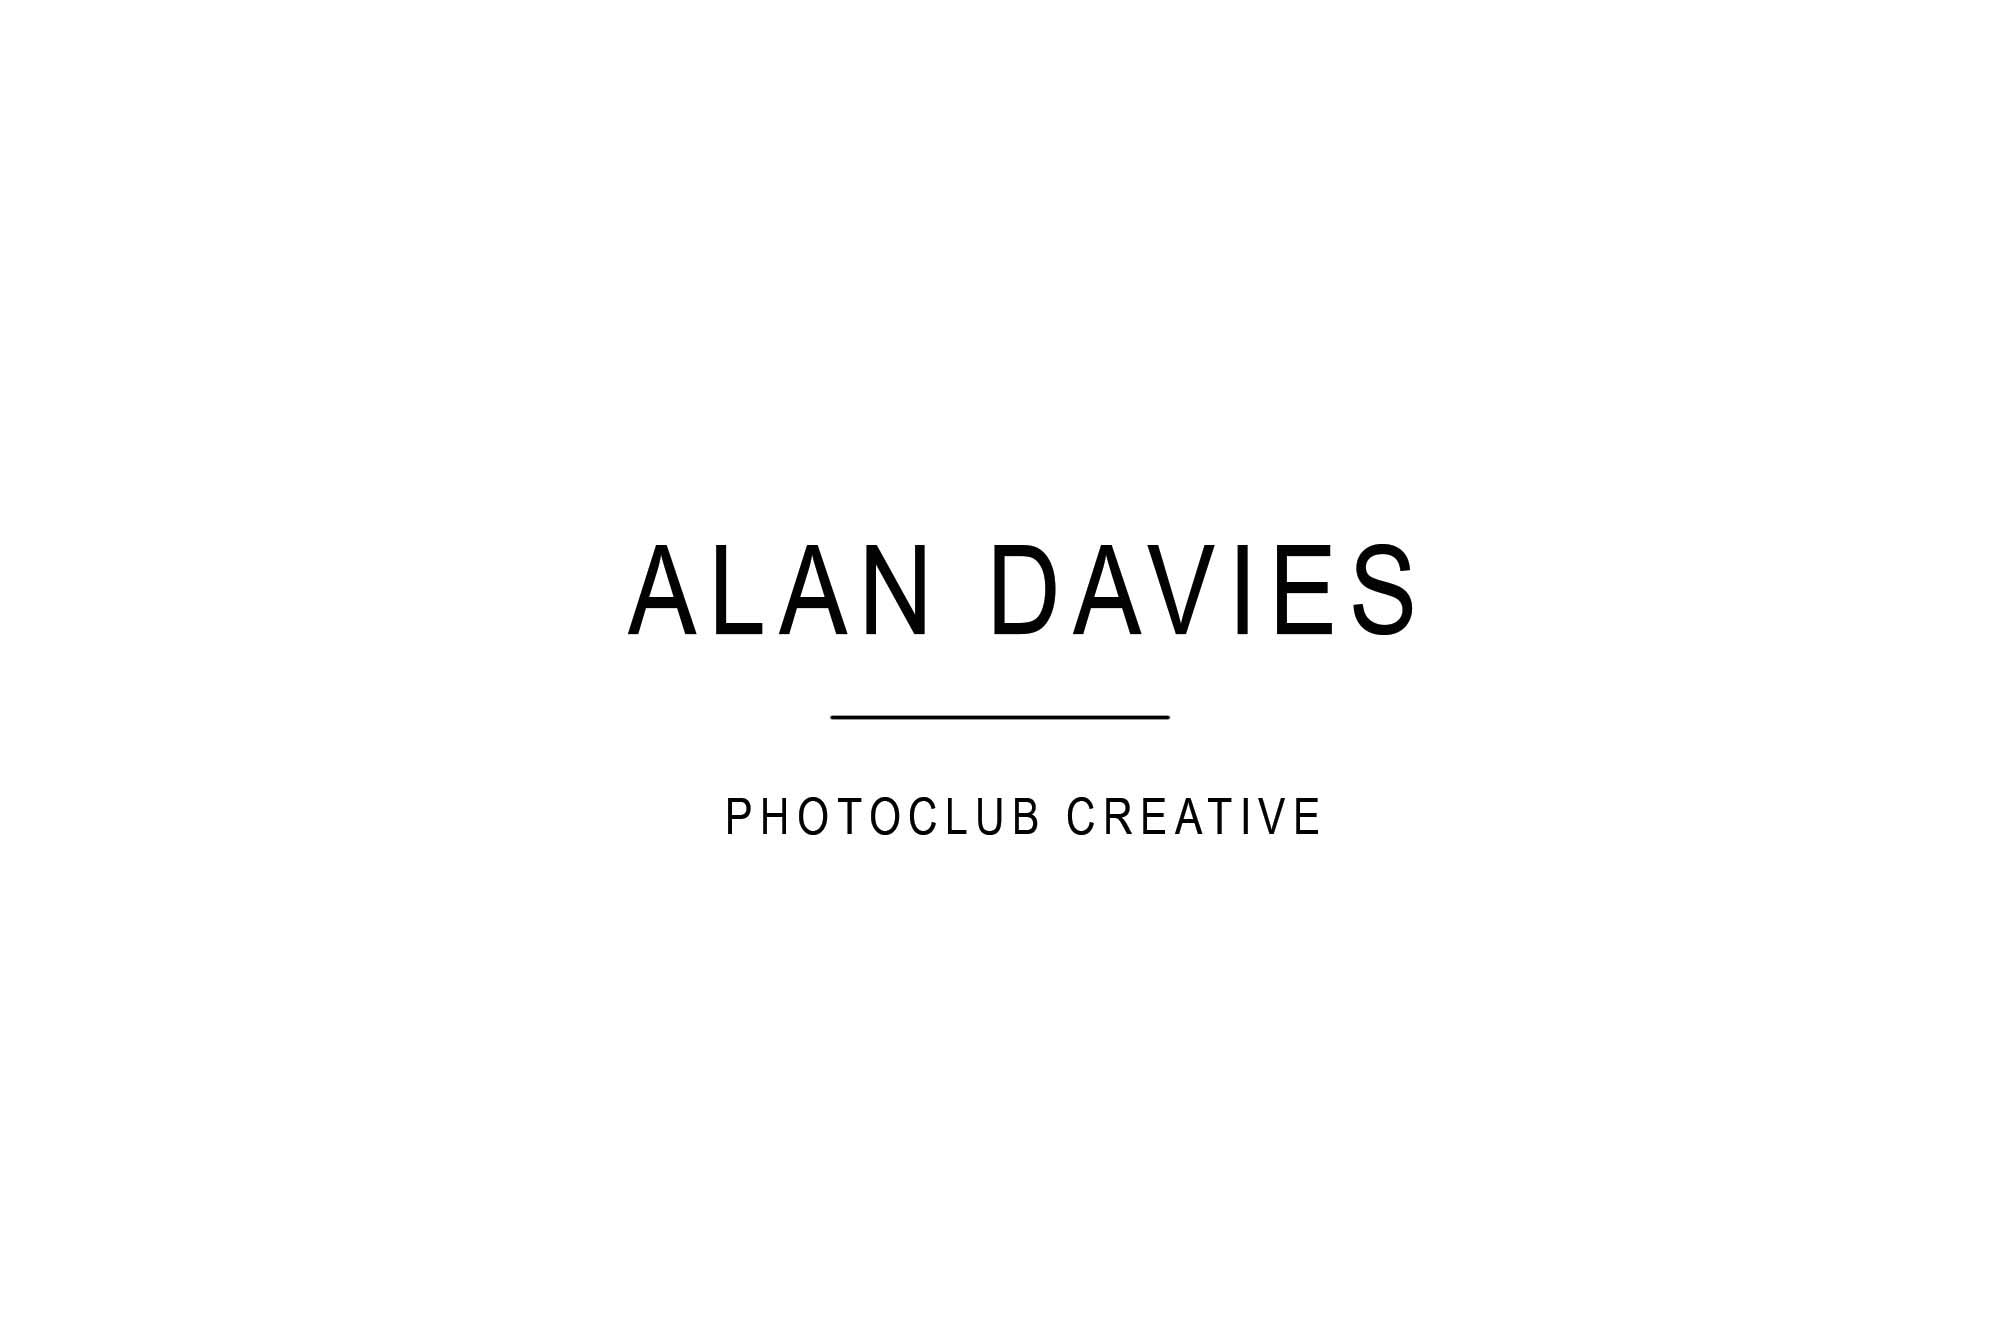 AlanDavies_00_Title_WhtBg.jpg